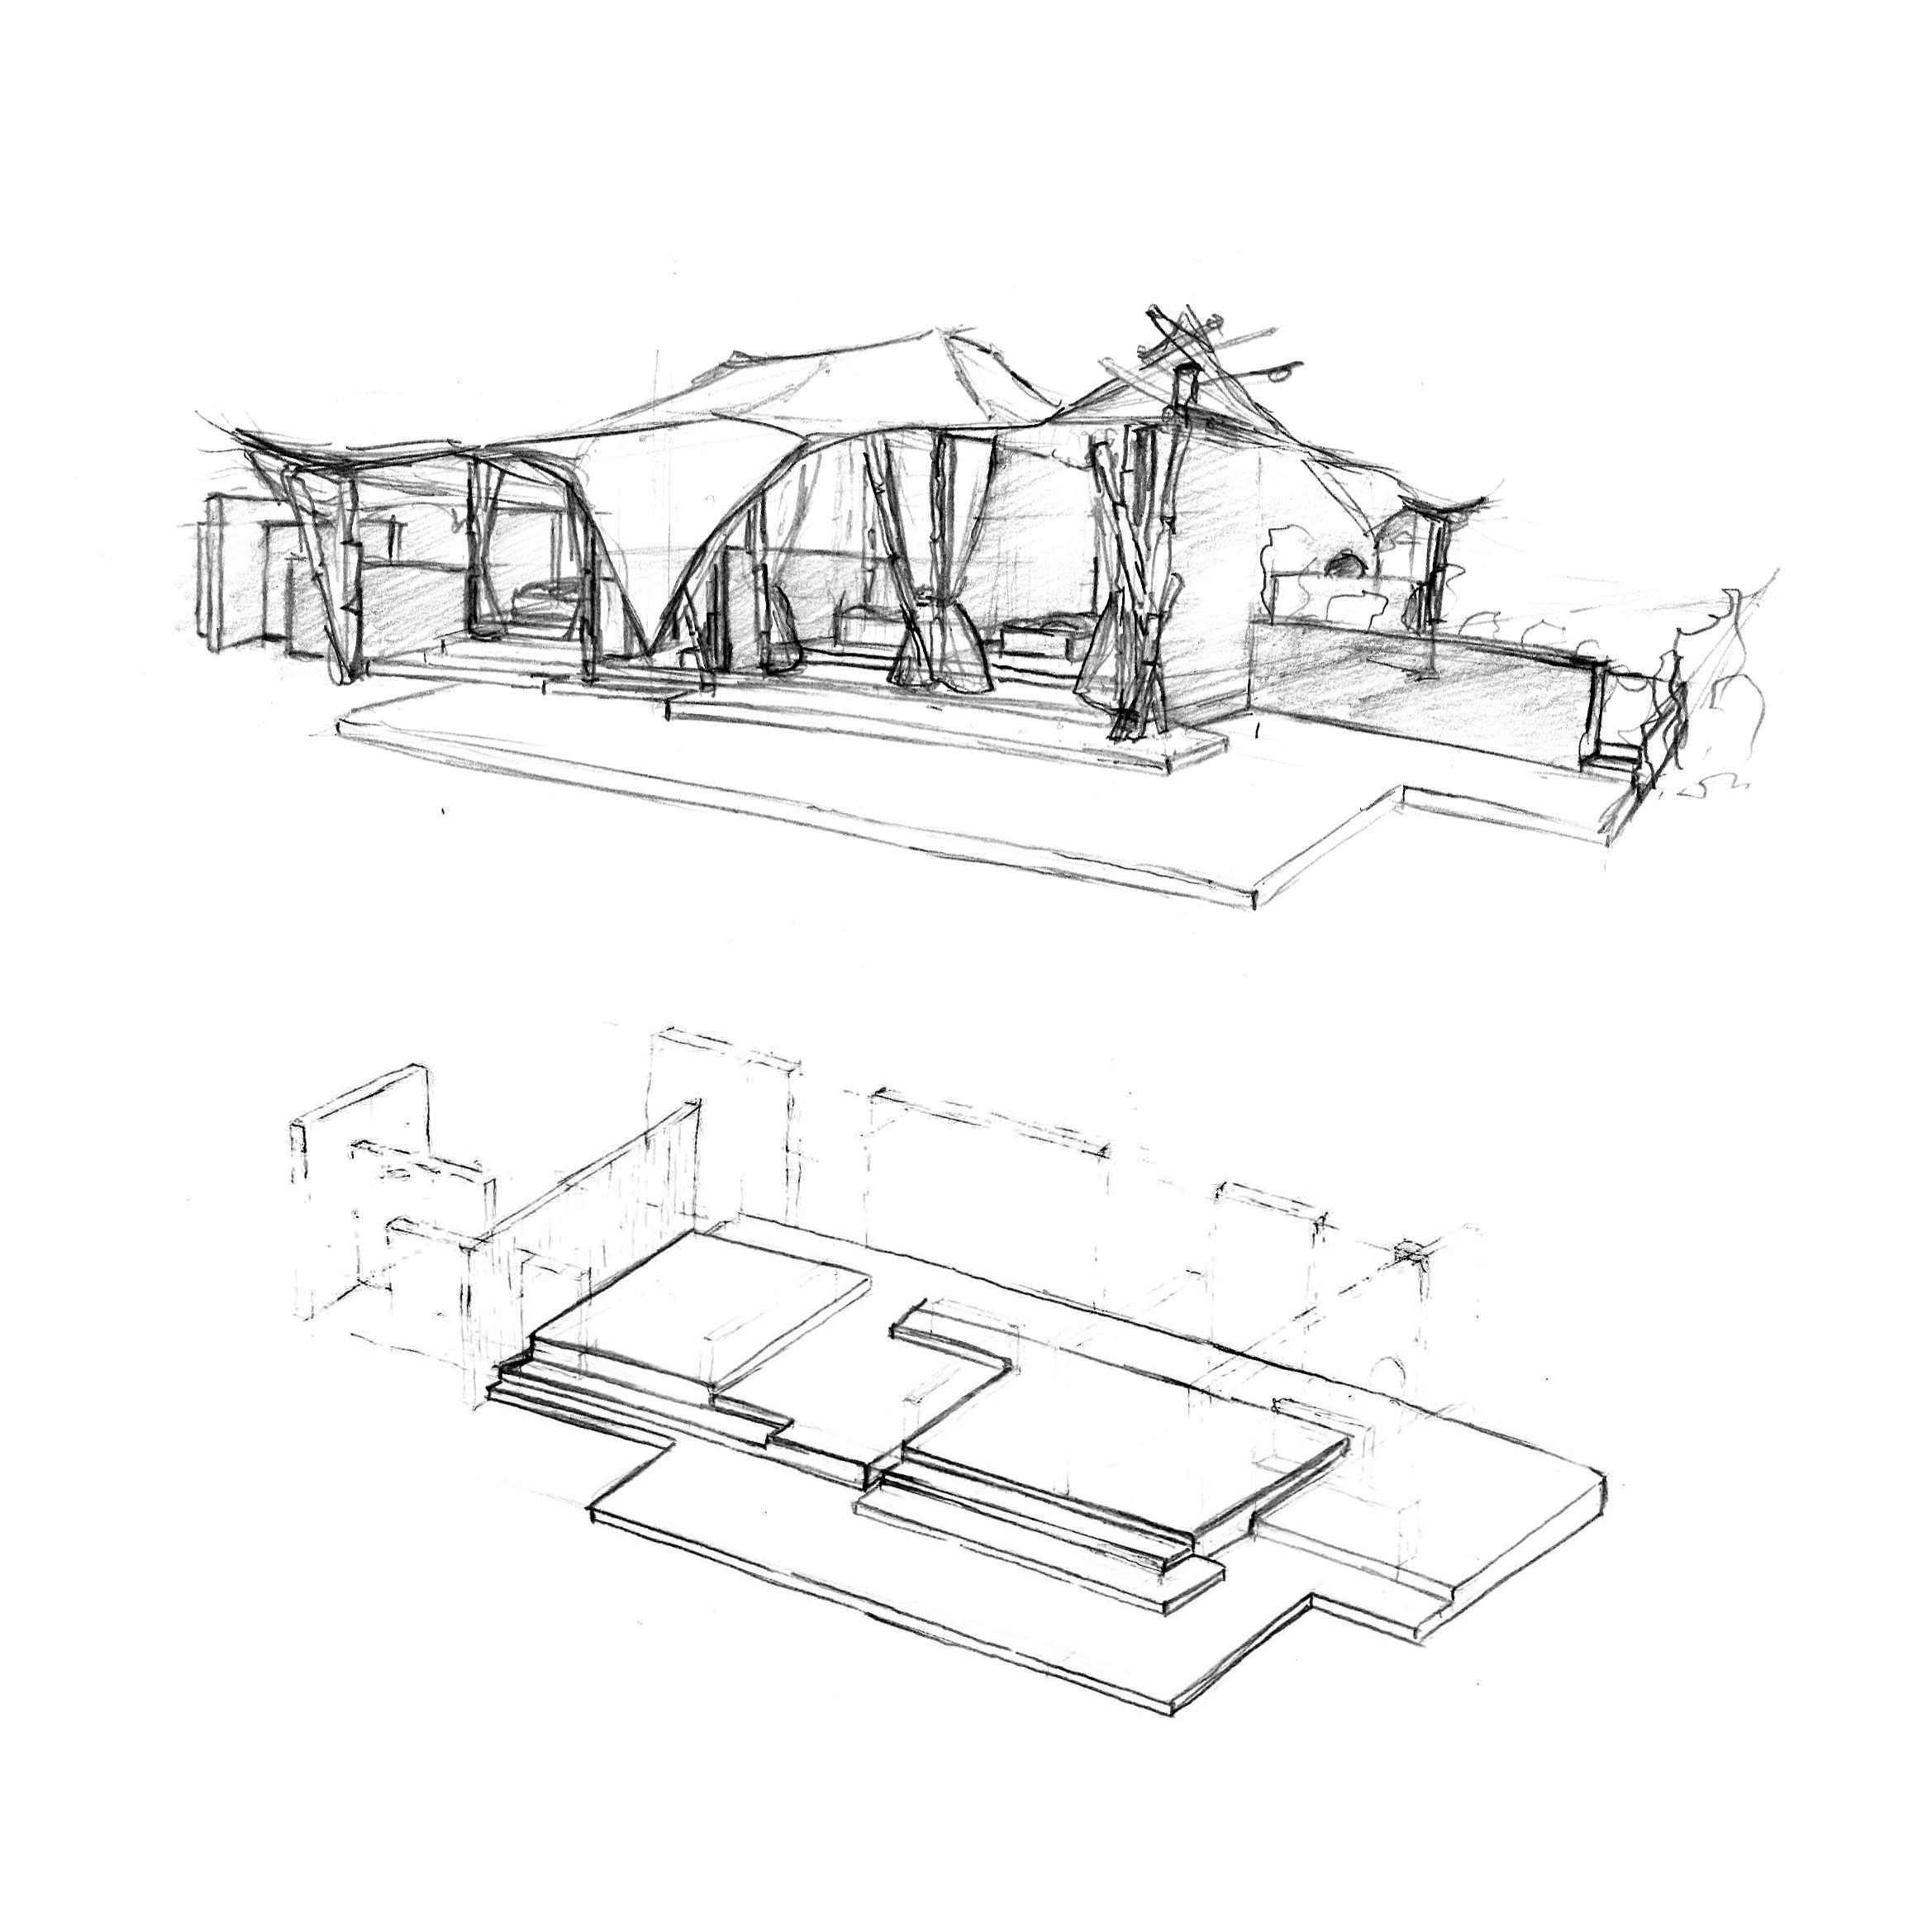 Daniel_Tauer_Projekt_Bali_Zeichnung_10